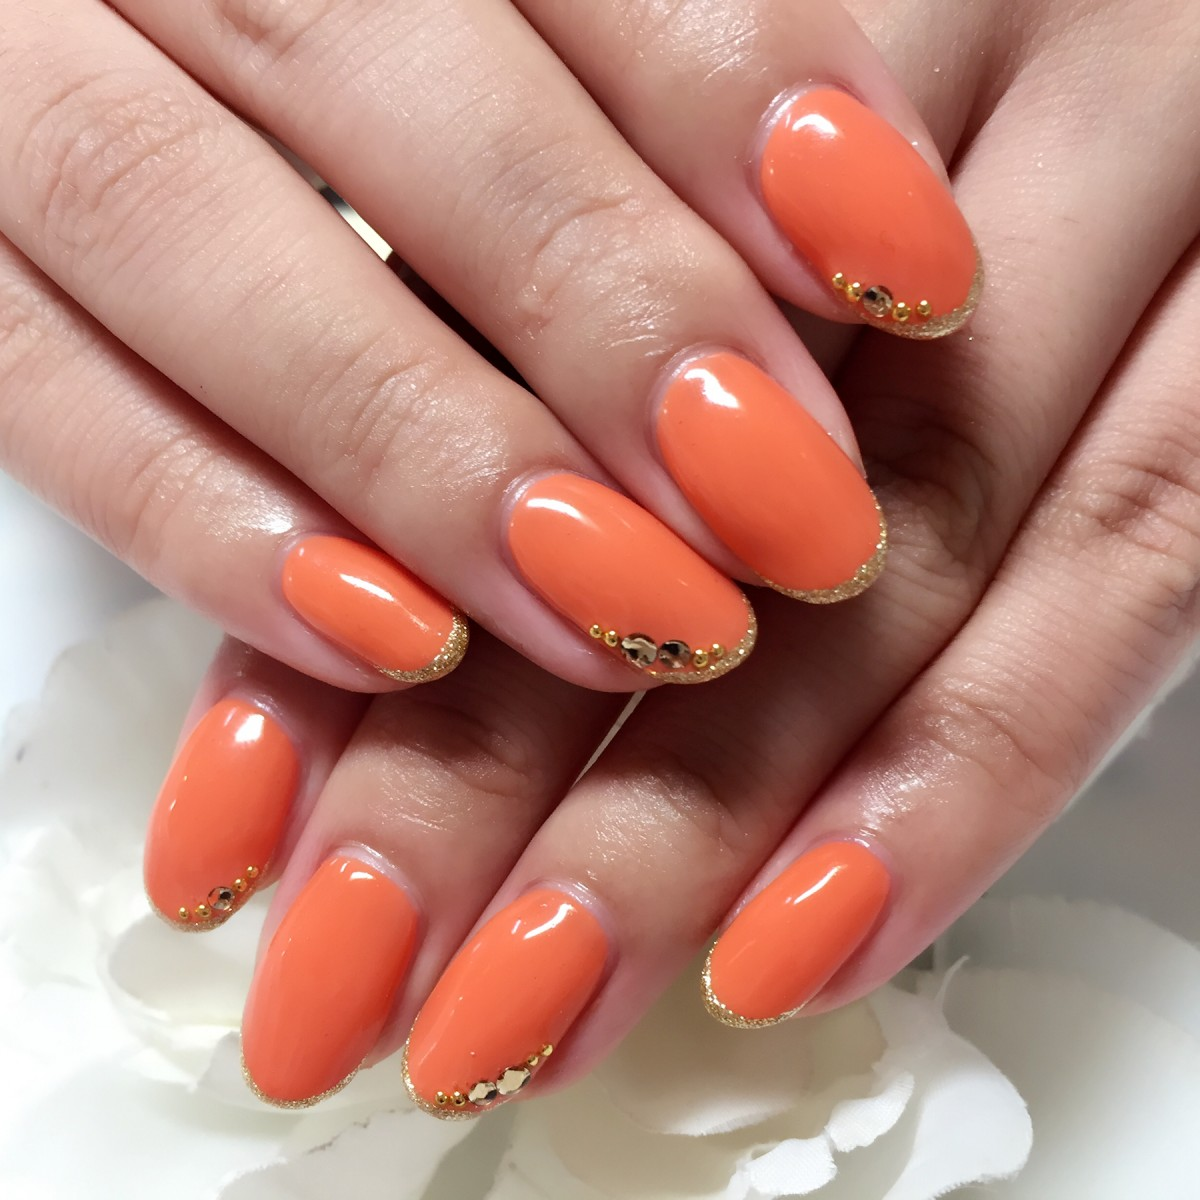 単色鮮やかネイルもエレガントに♡夏のオレンジネイル